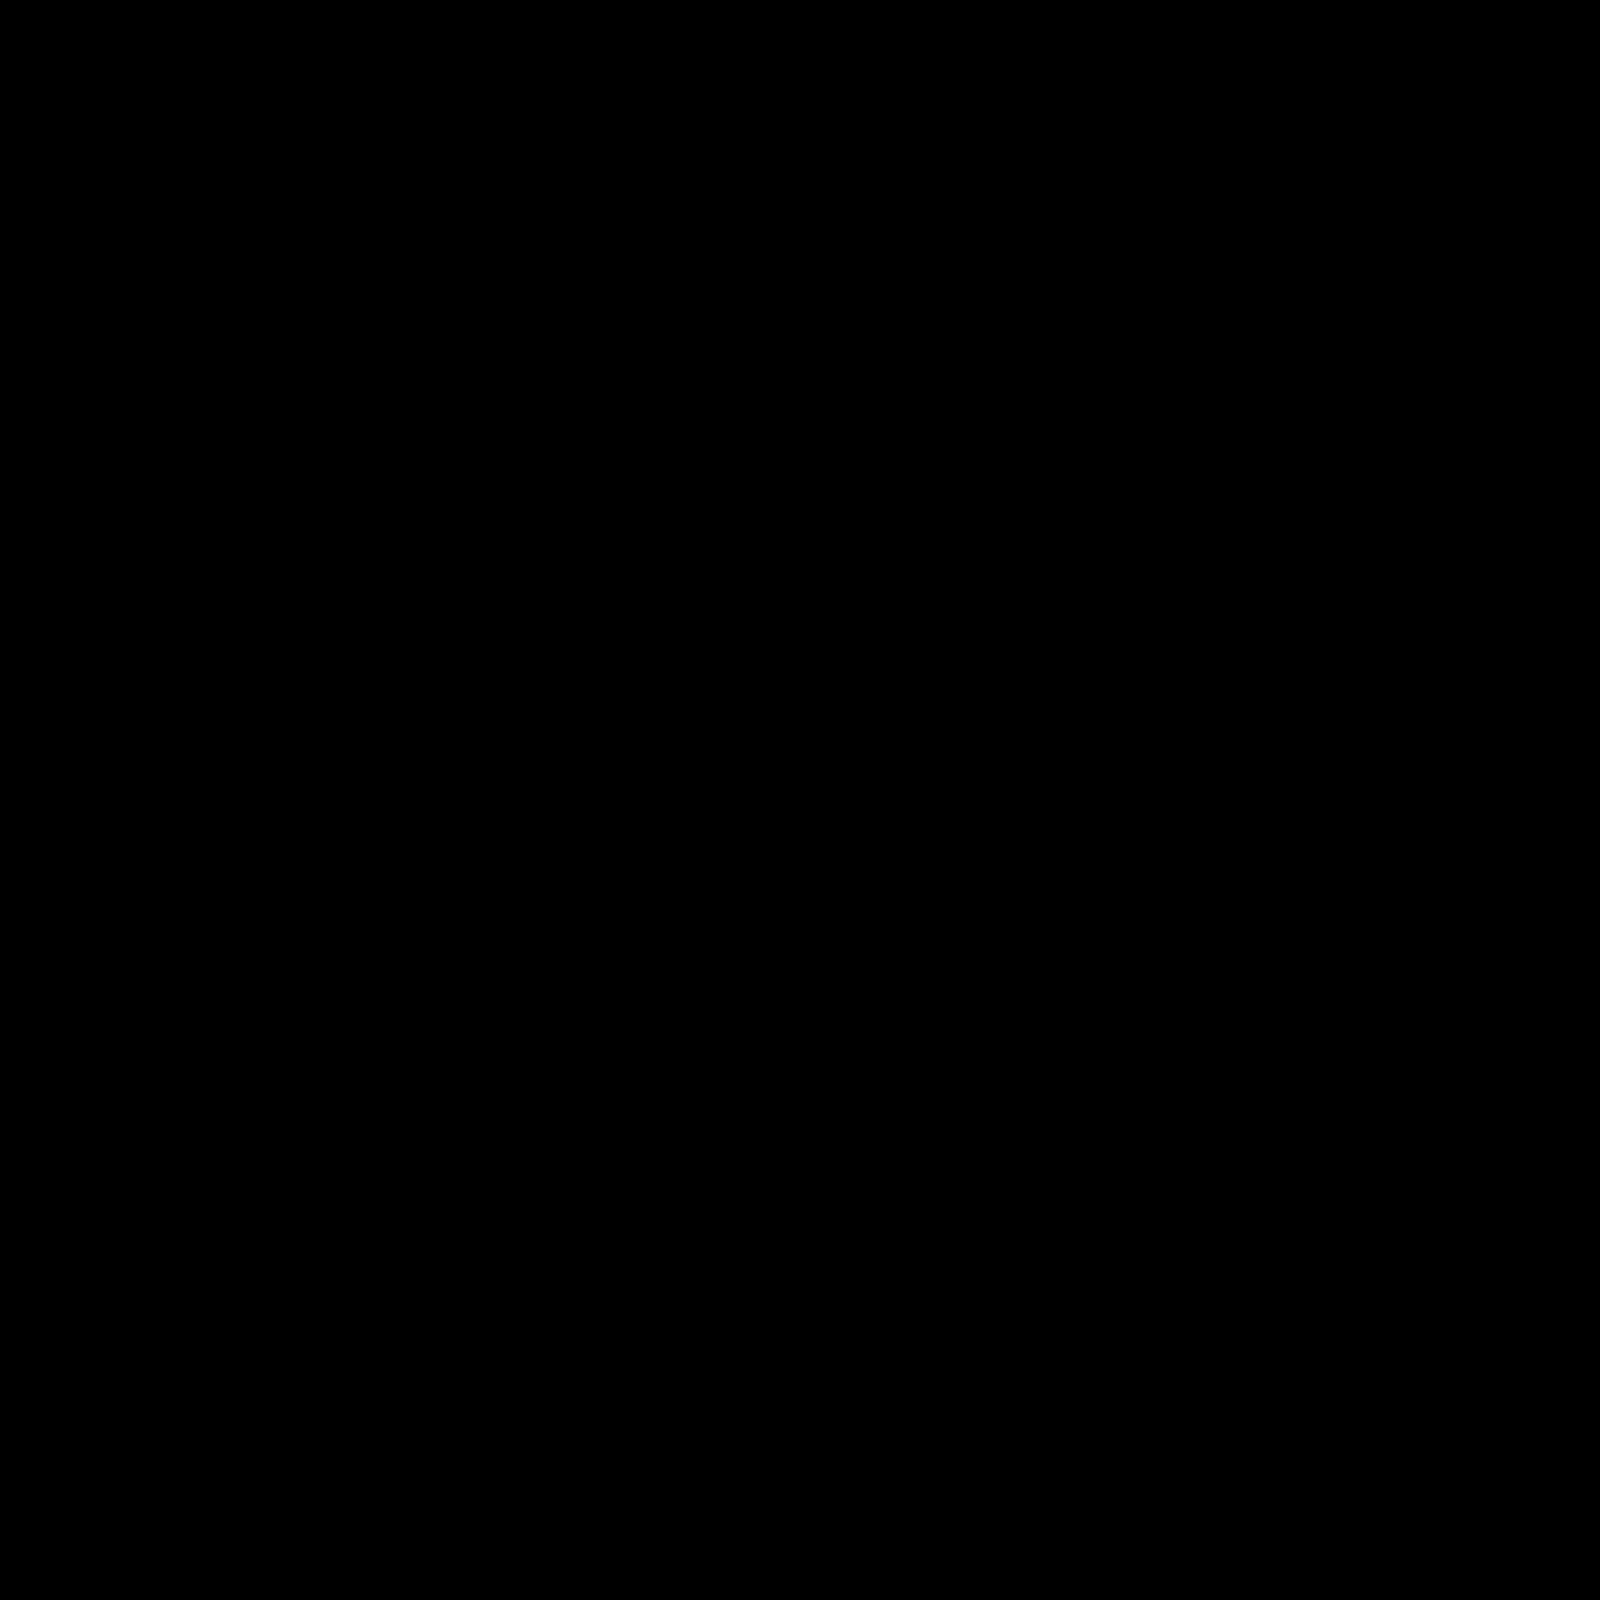 New Slide icon